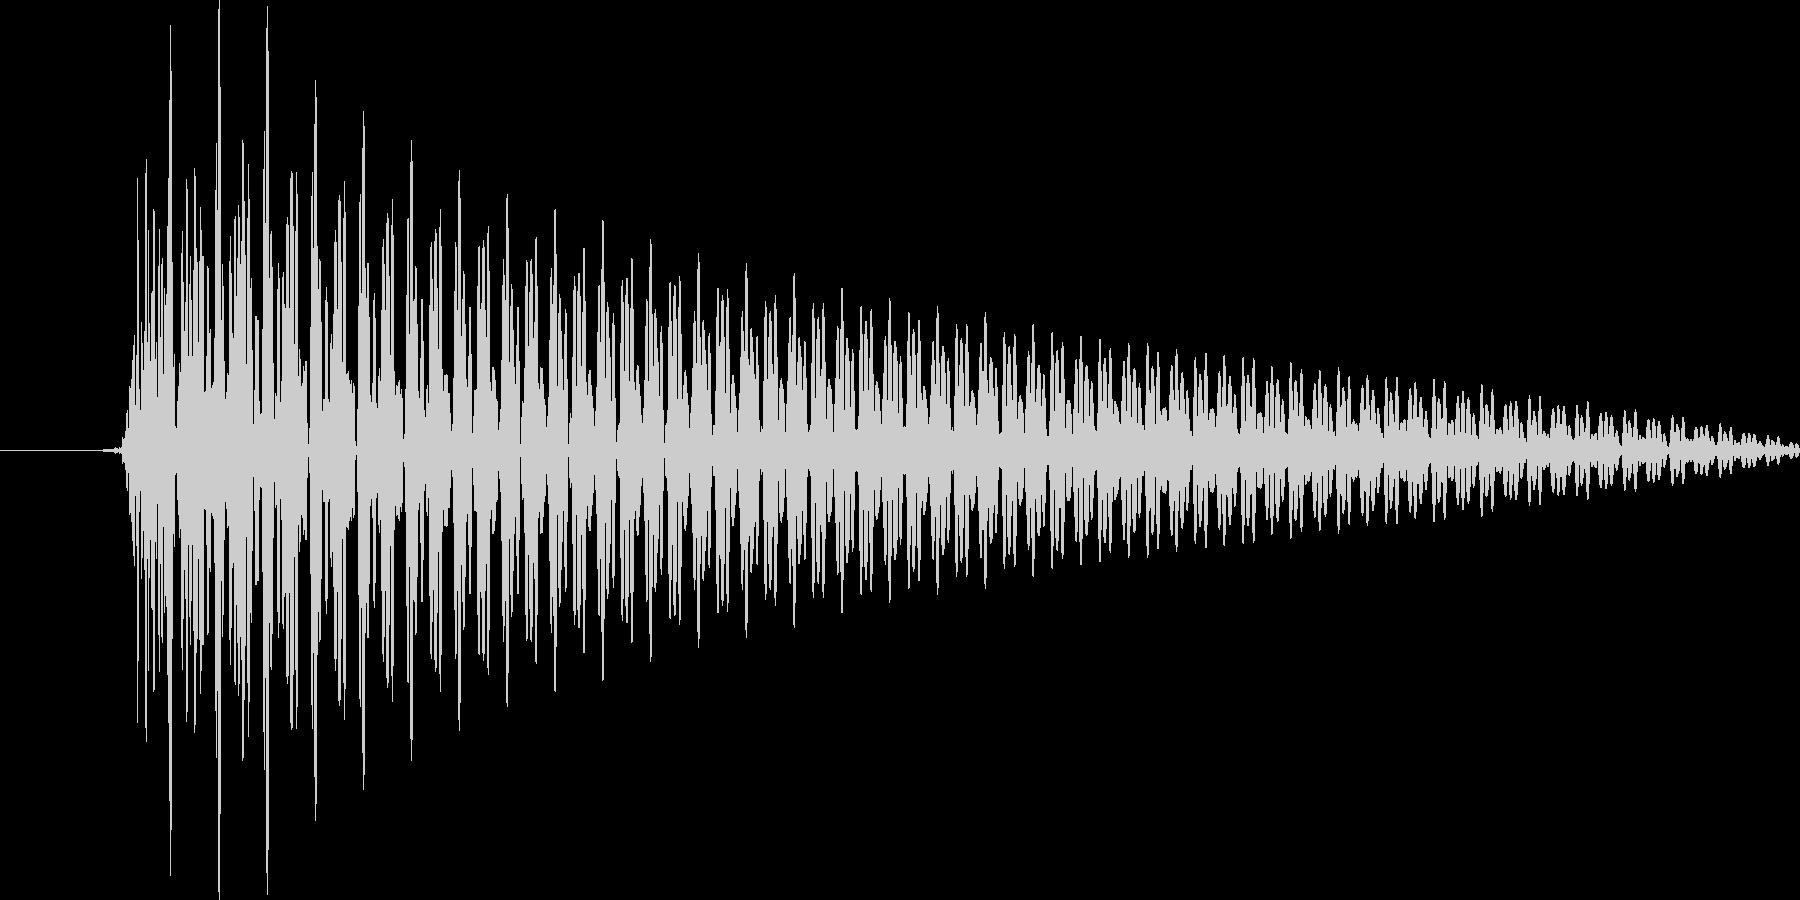 システム音(ワンコード)の未再生の波形